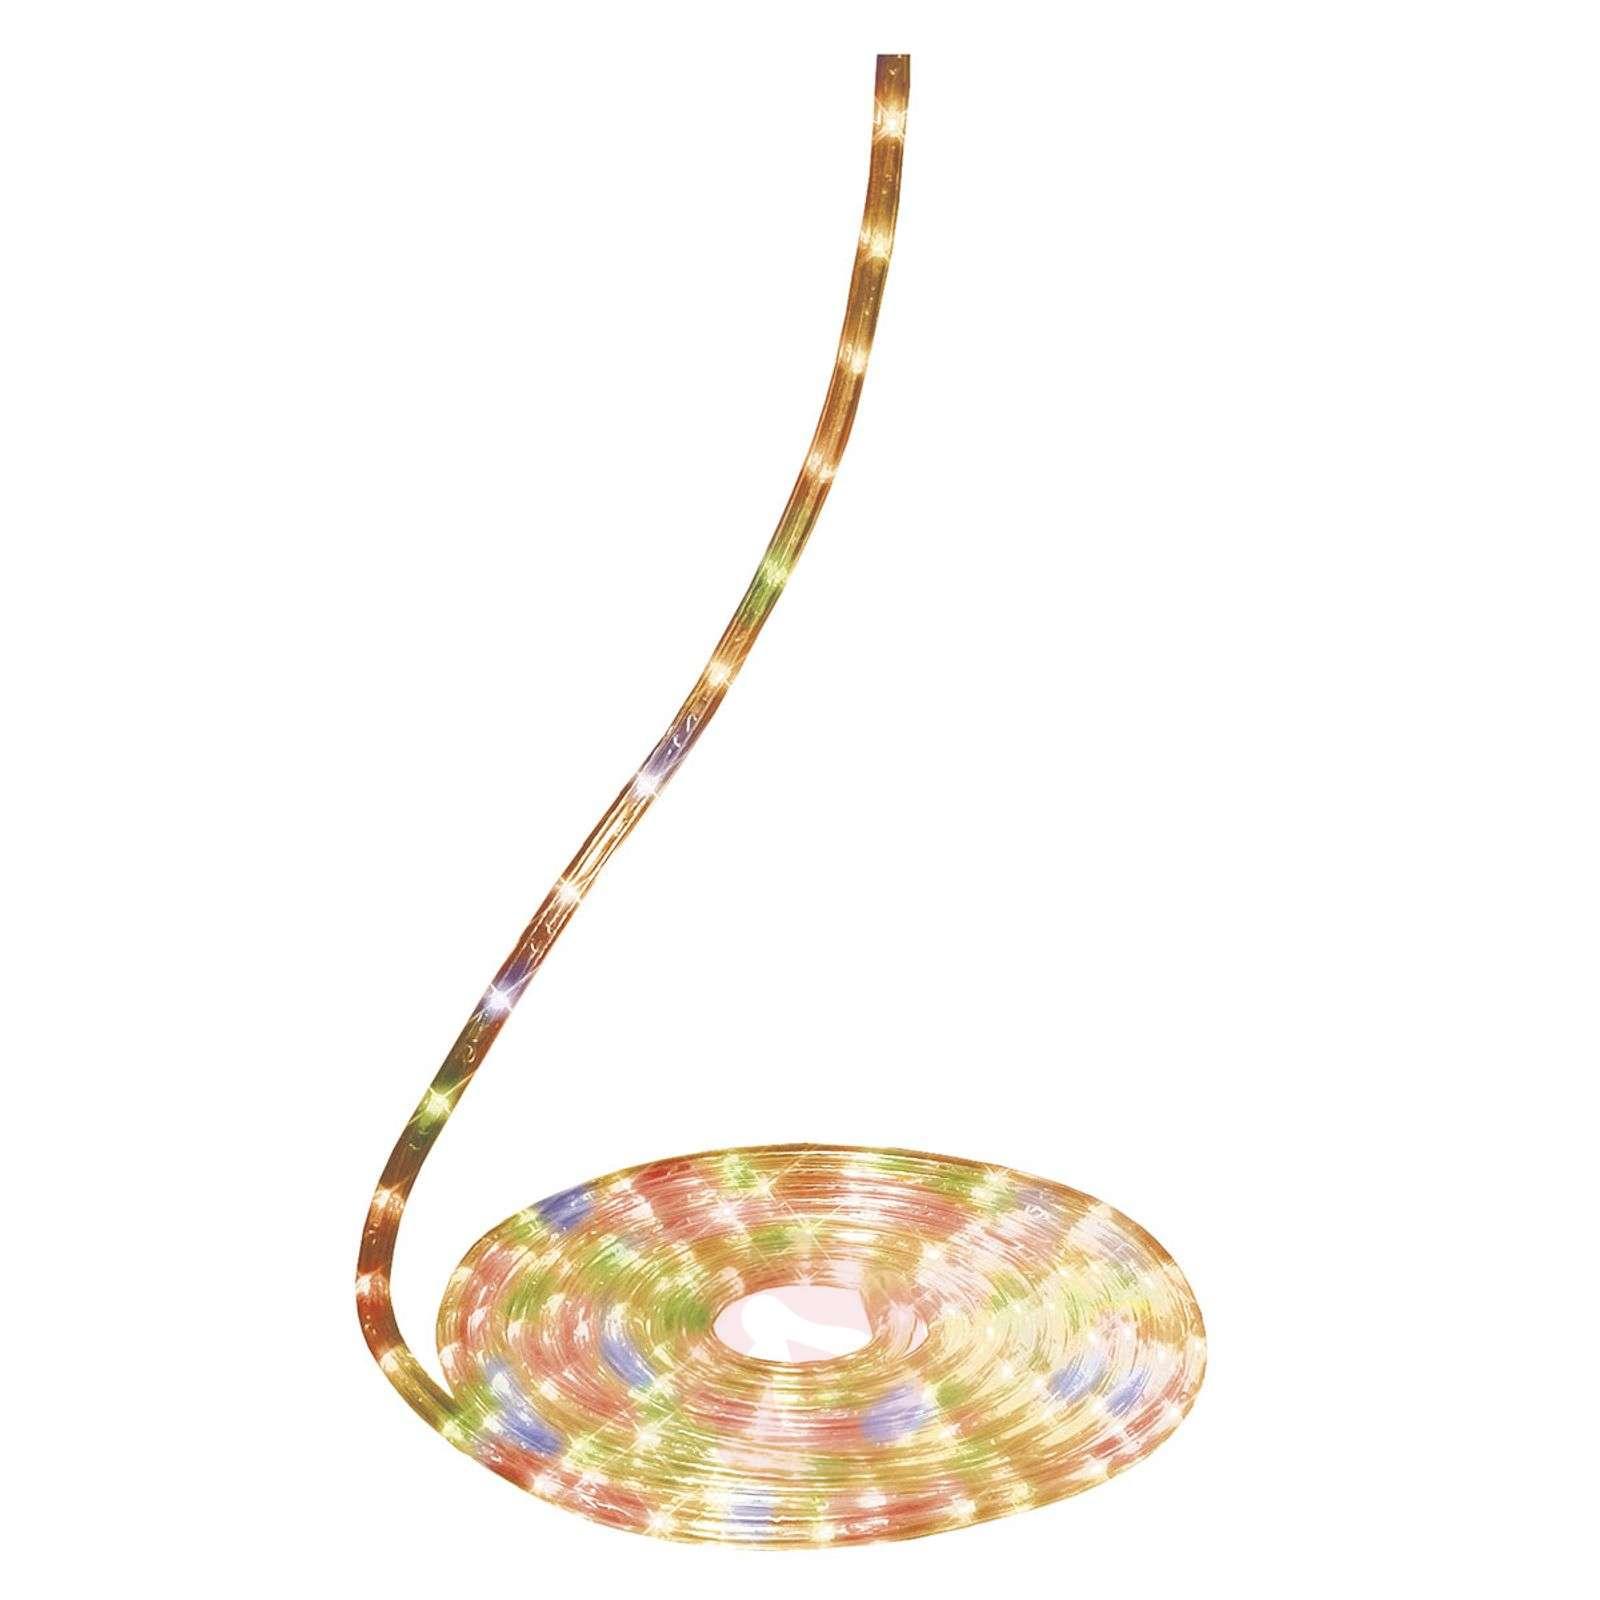 Värikkäänä valaiseva Ropelight Micro-valokaapeli-1523112-01